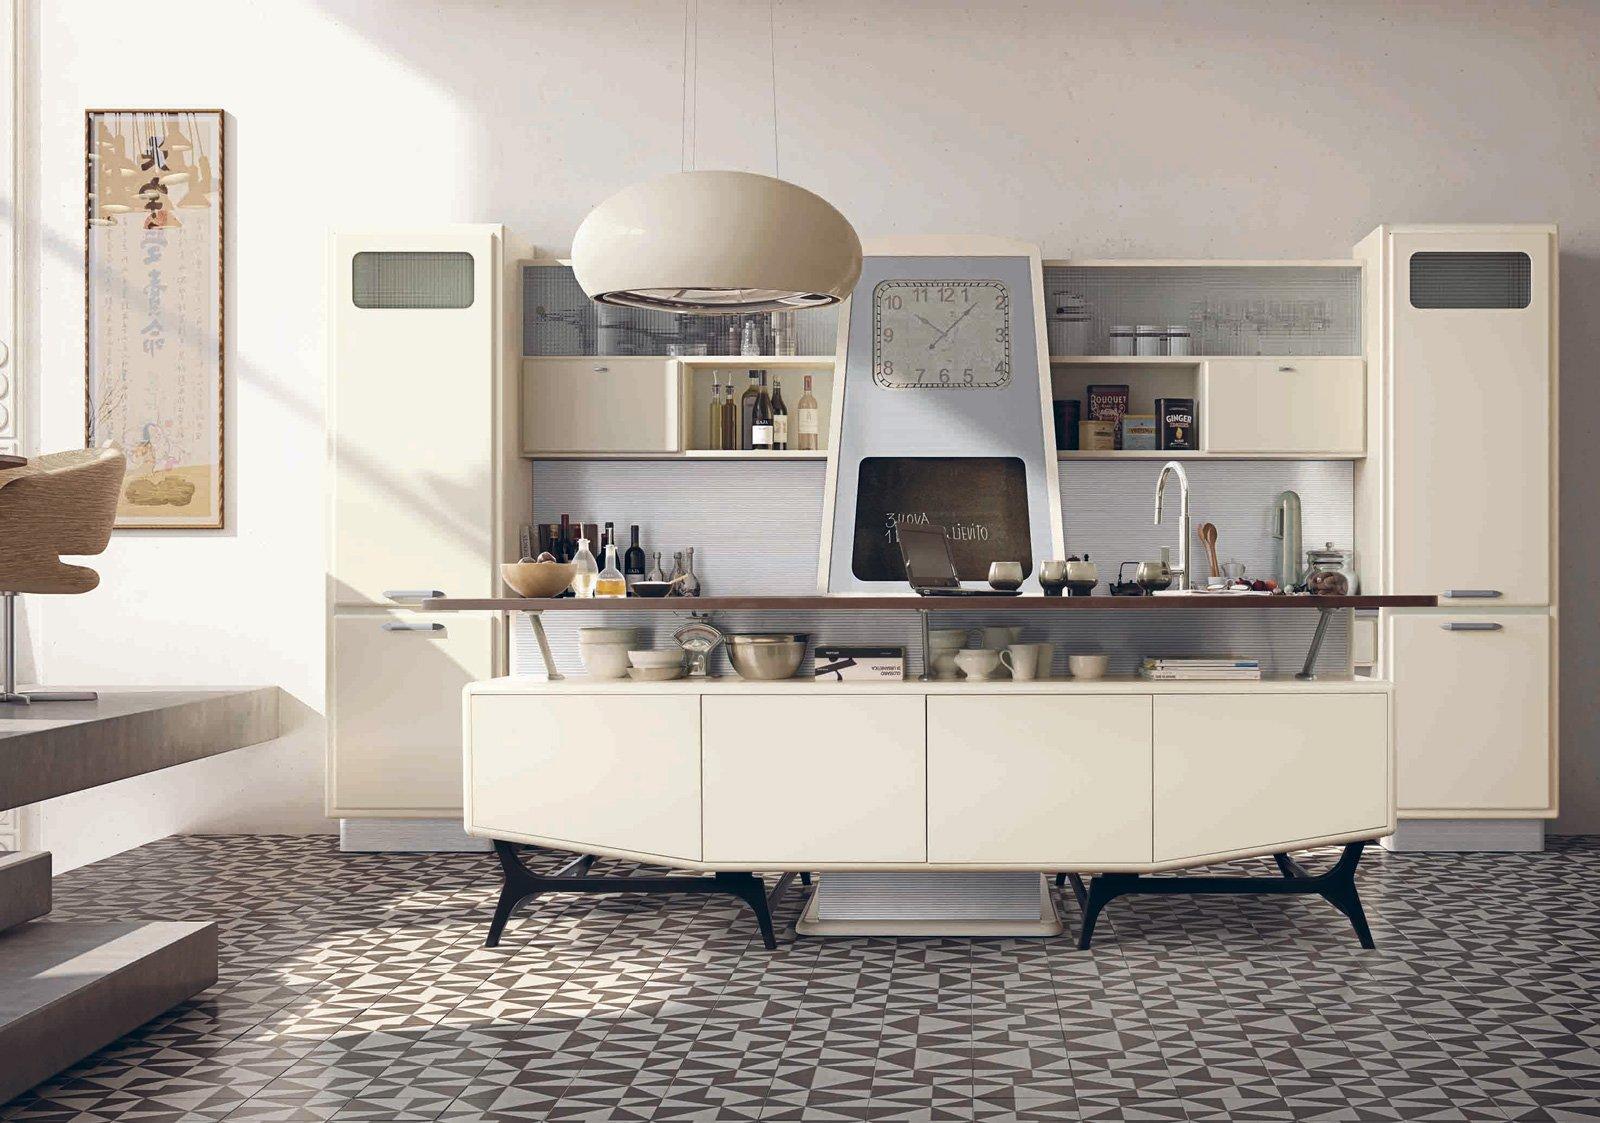 tanto bianco e la cucina raddoppia visivamente - cose di casa - Marchi Di Cucine